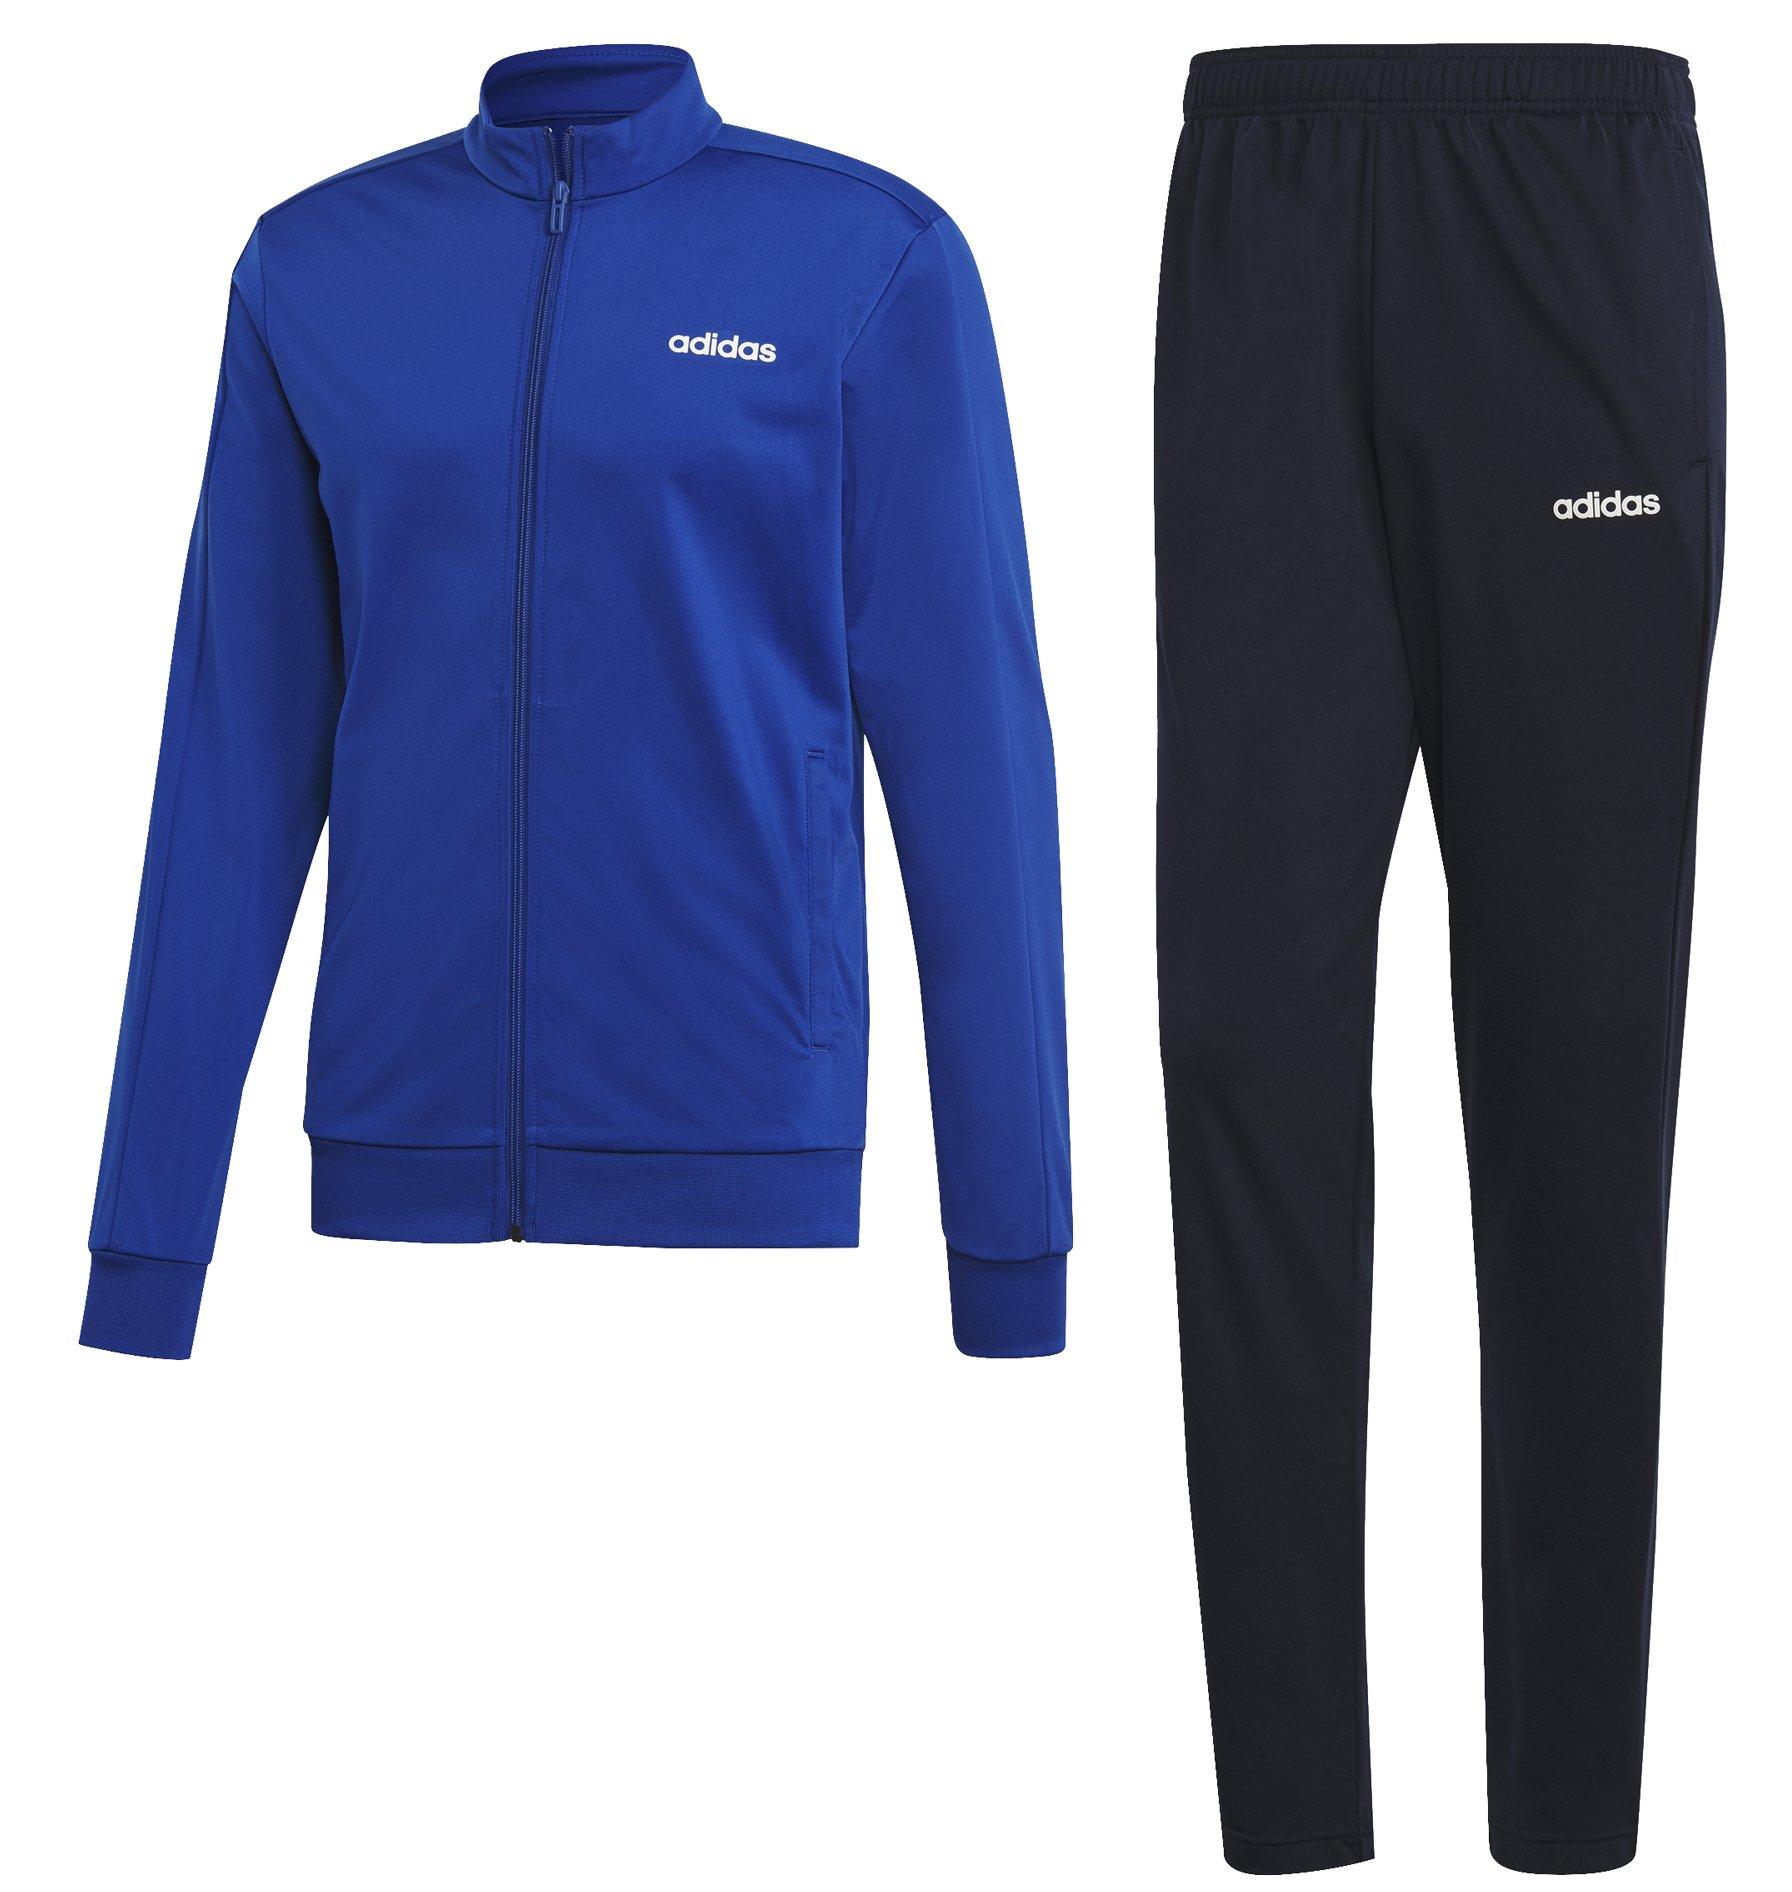 Adidas Basics Tracksuit S